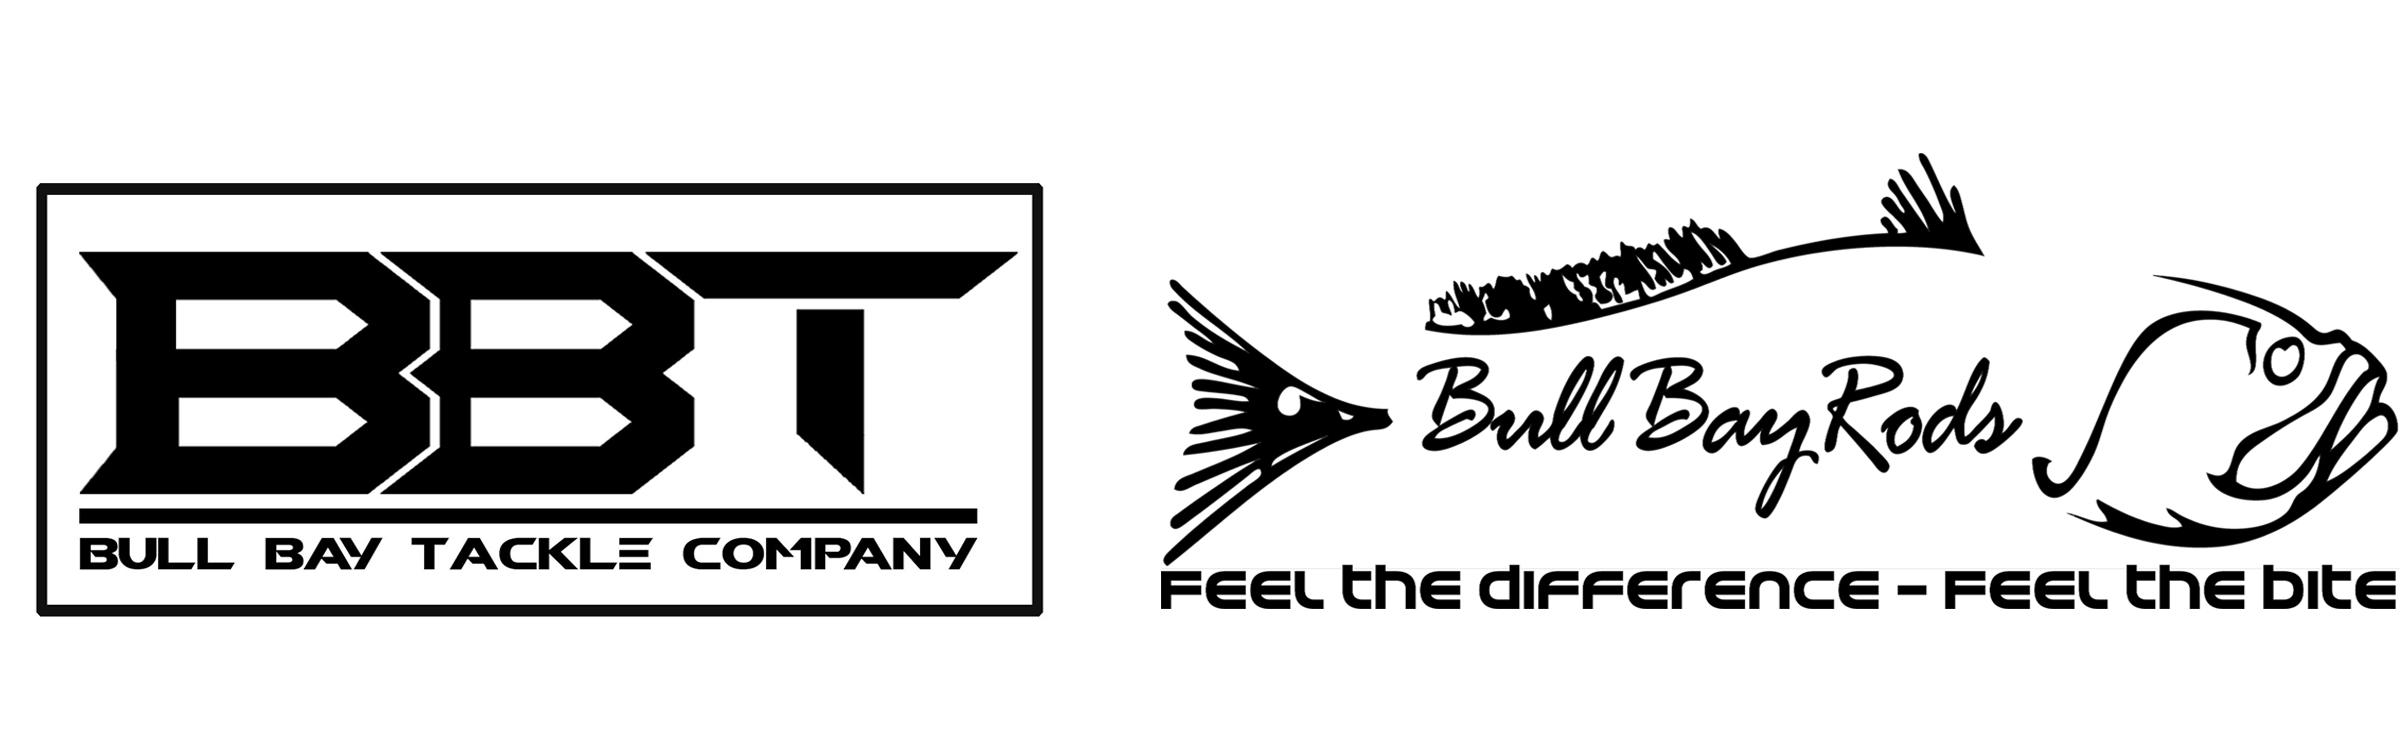 Bull Bay Tackle Company